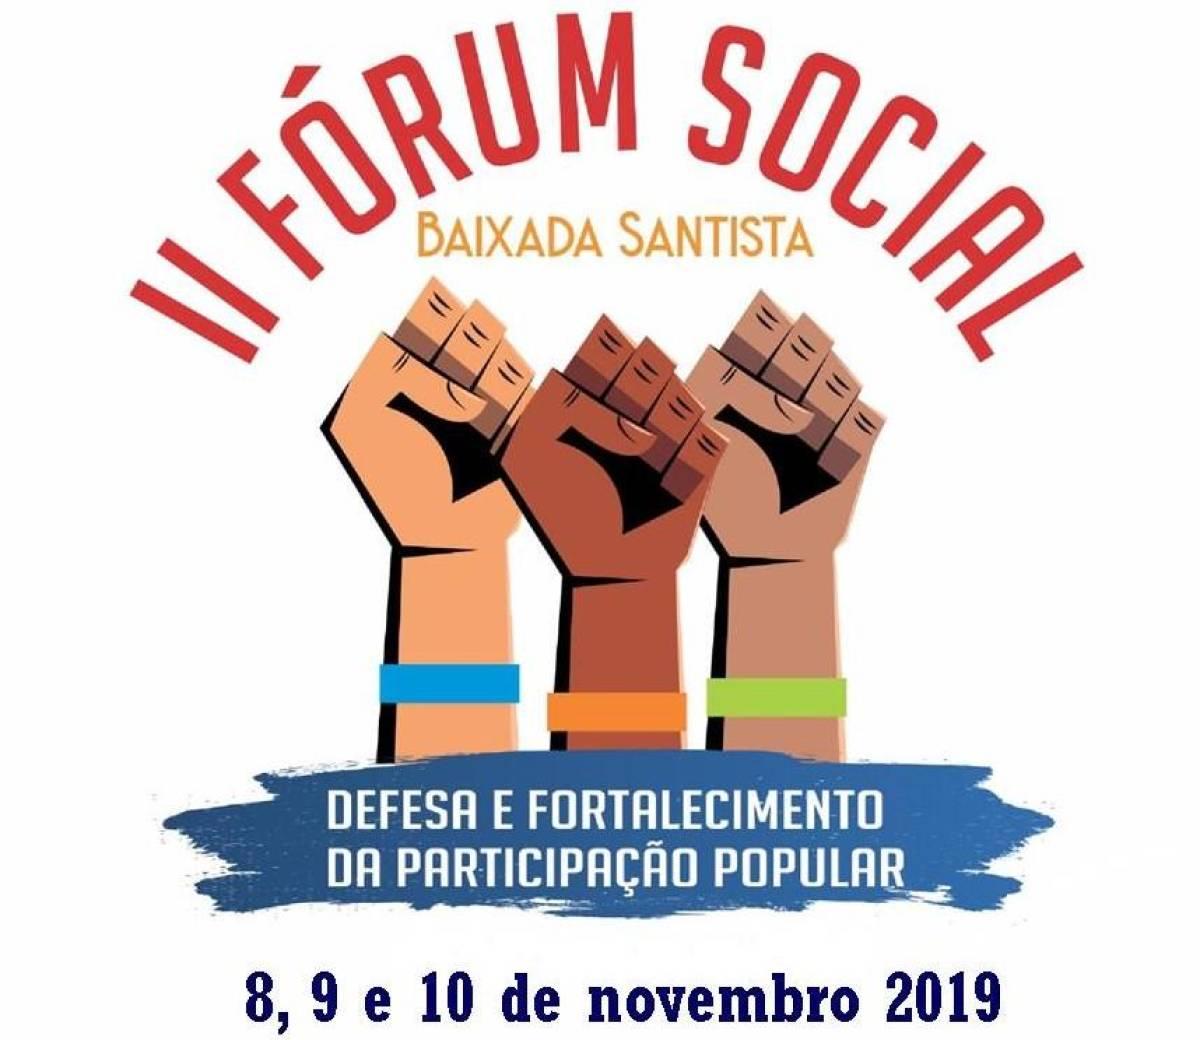 Lançamento do II Fórum Social Baixada Santista acontece neste sábado, 5/10